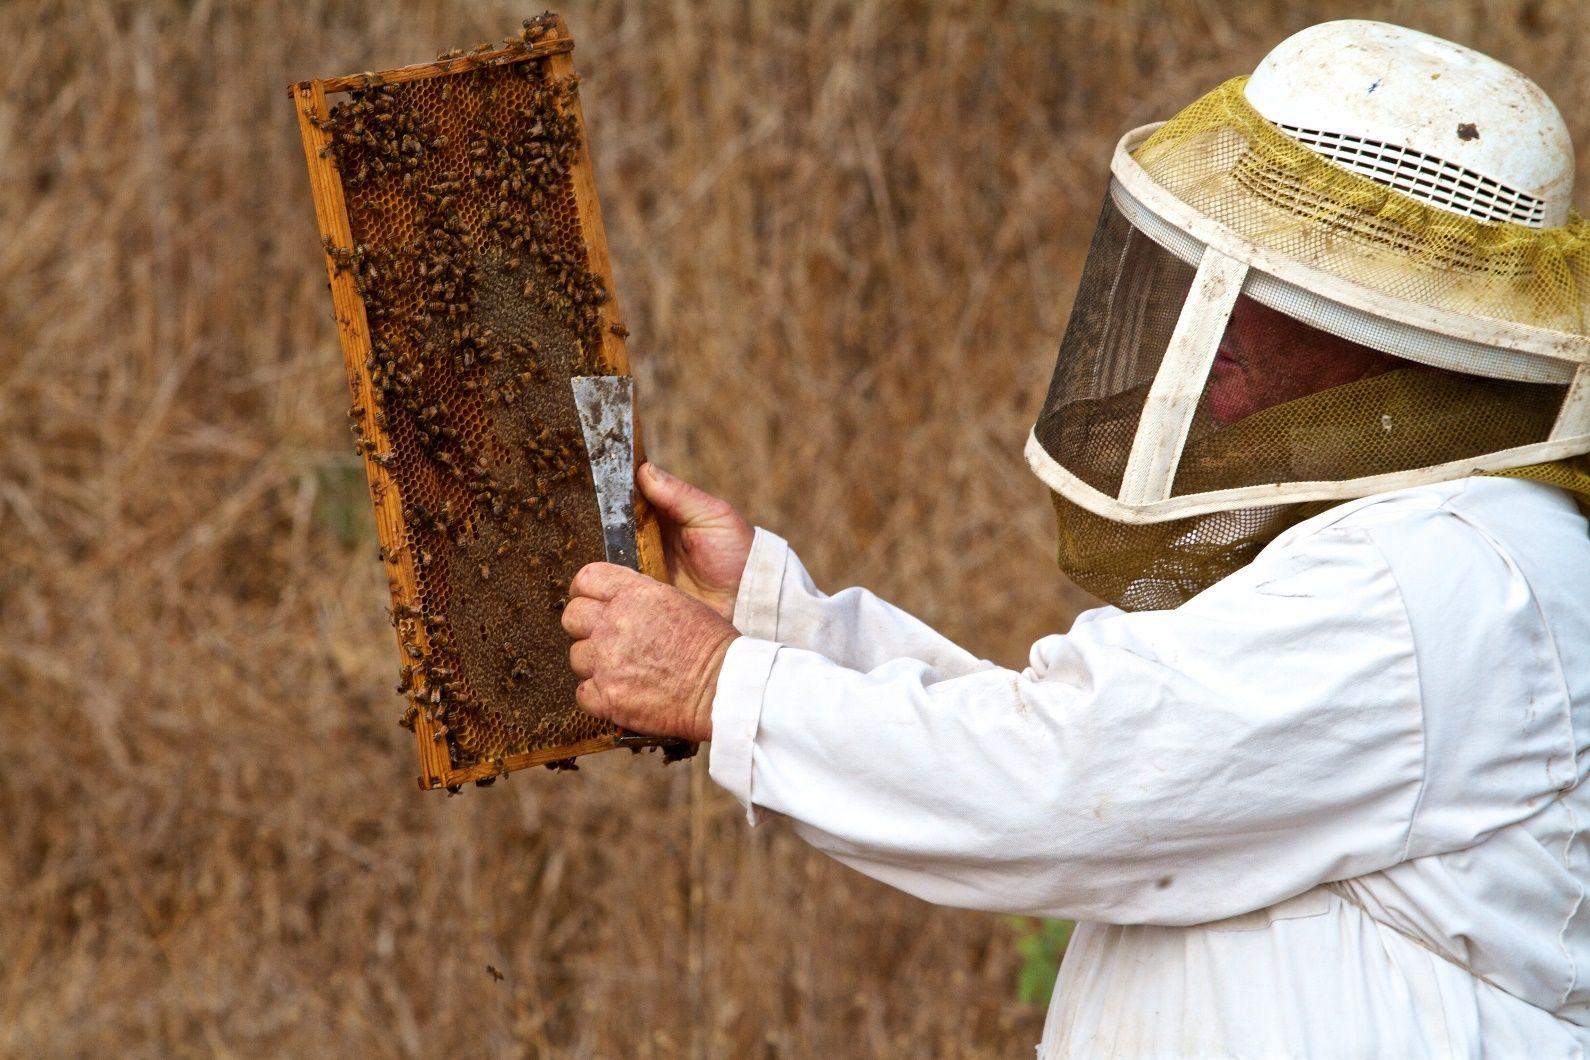 An Israeli beekeeper. Photo by Doron Horowitz/Flash90